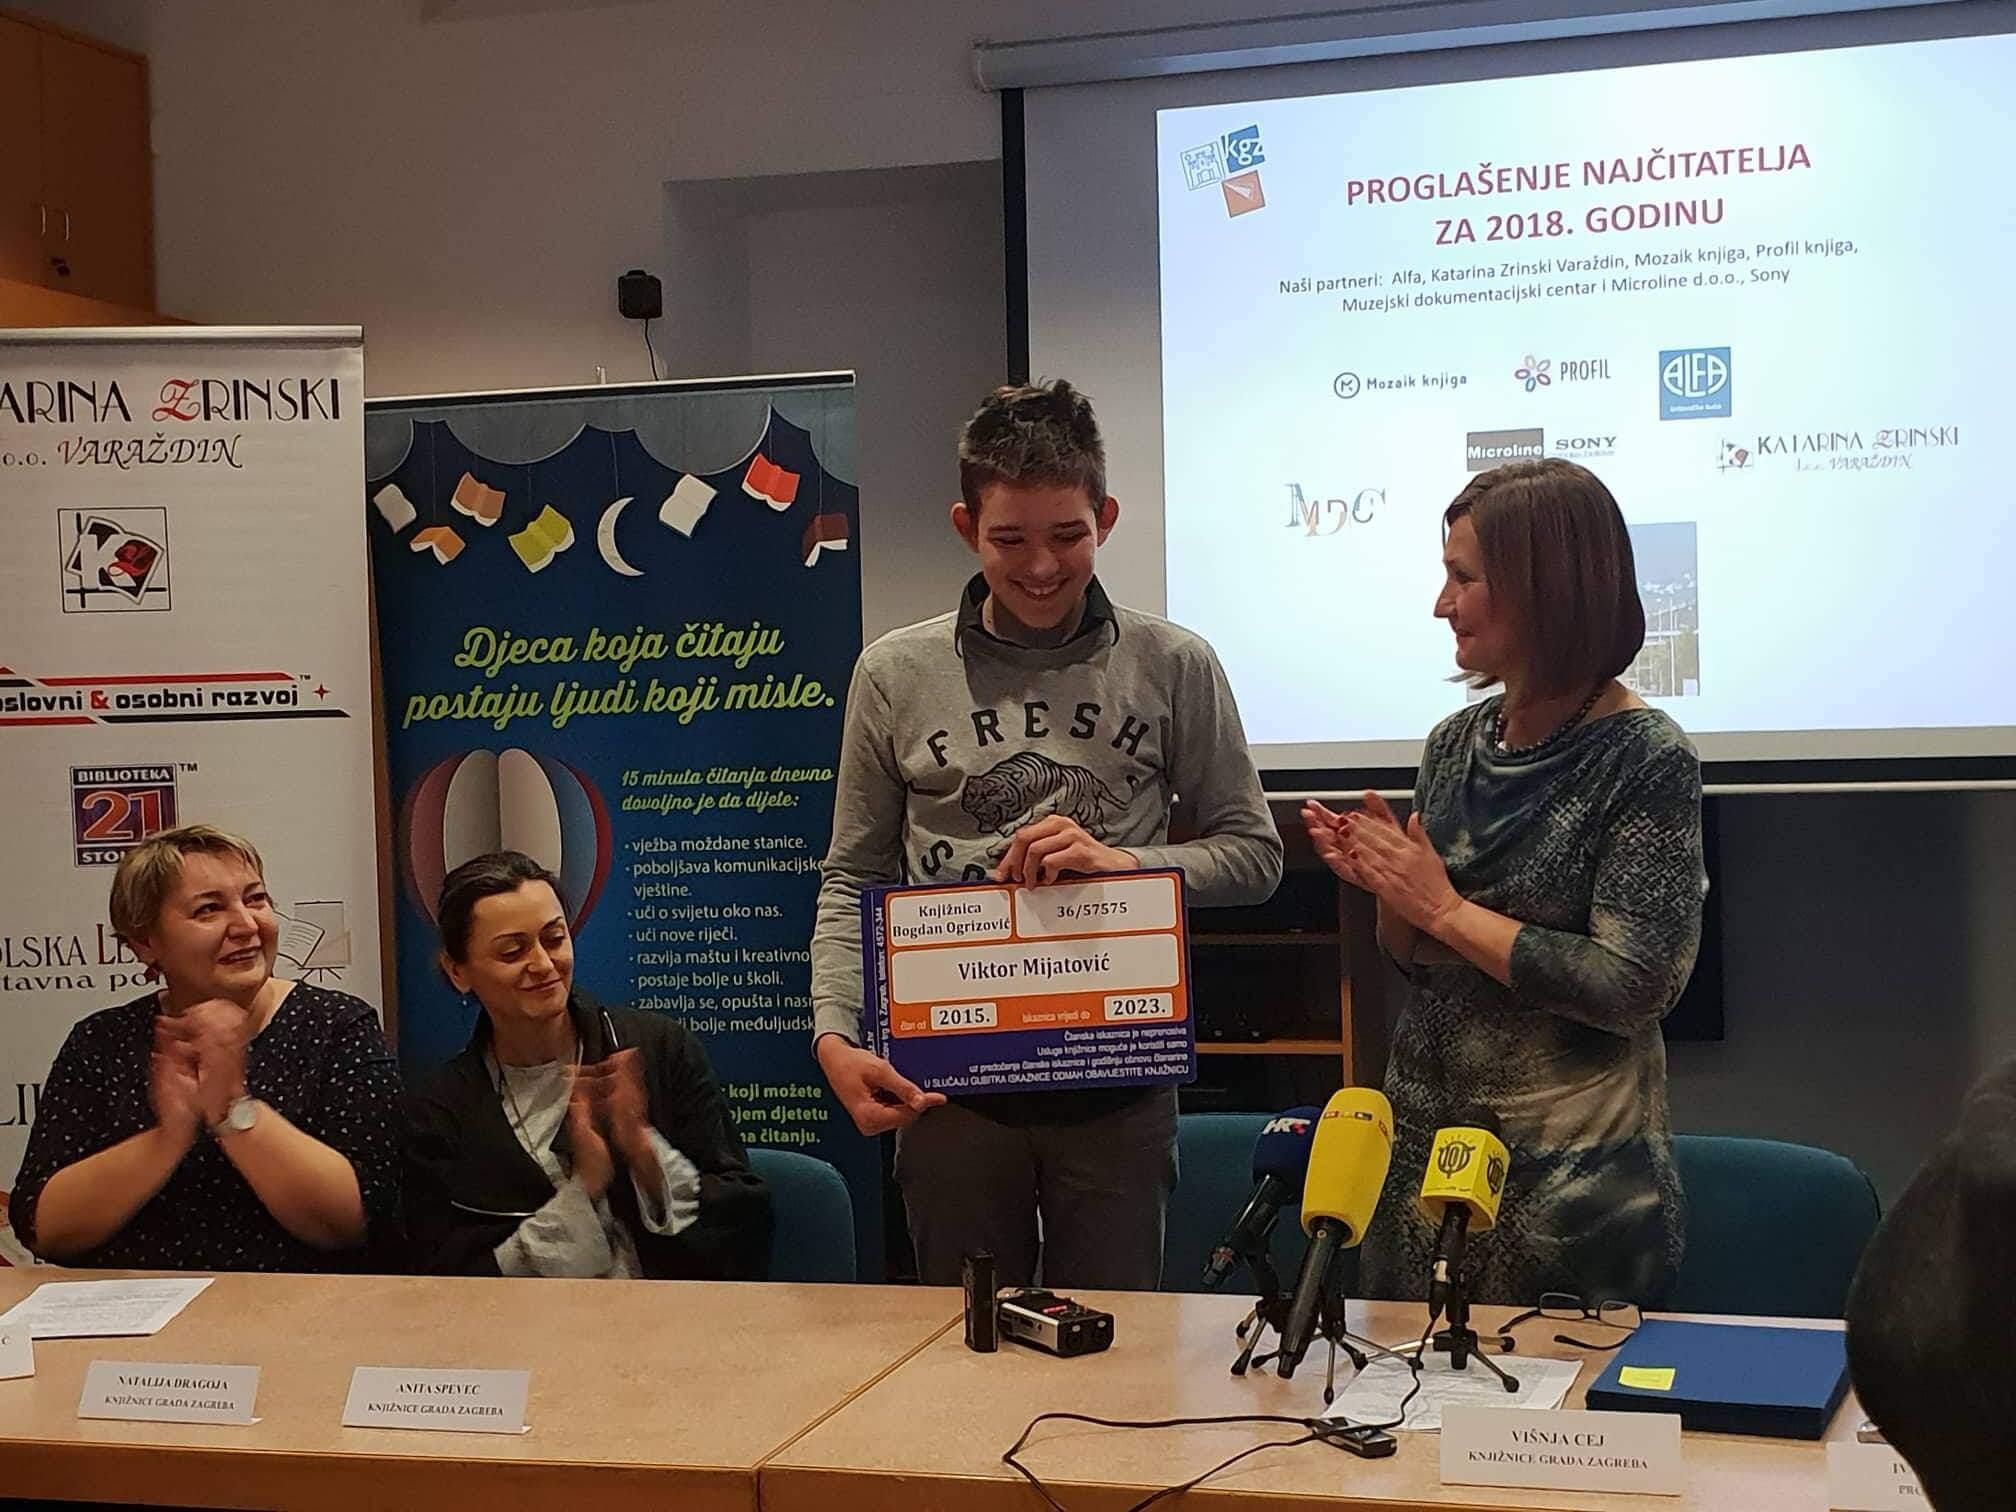 Čita gdje god stigne: Najčitatelj u Zagrebu je 13-godišnjak koji je u godinu dana 'progutao' 165 knjiga